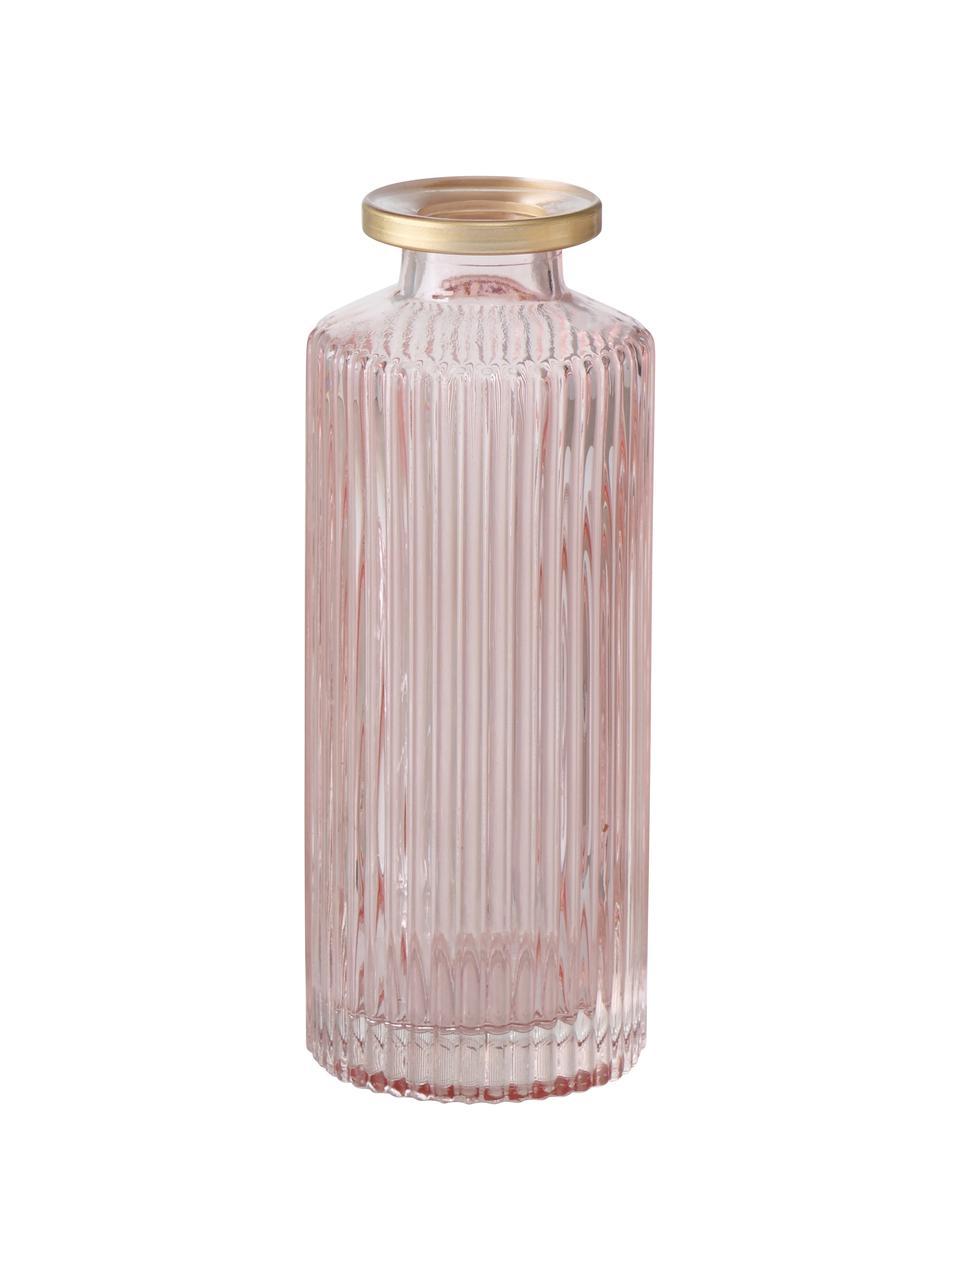 Sada malých skleněných váz Adore, 3díly, Růžová